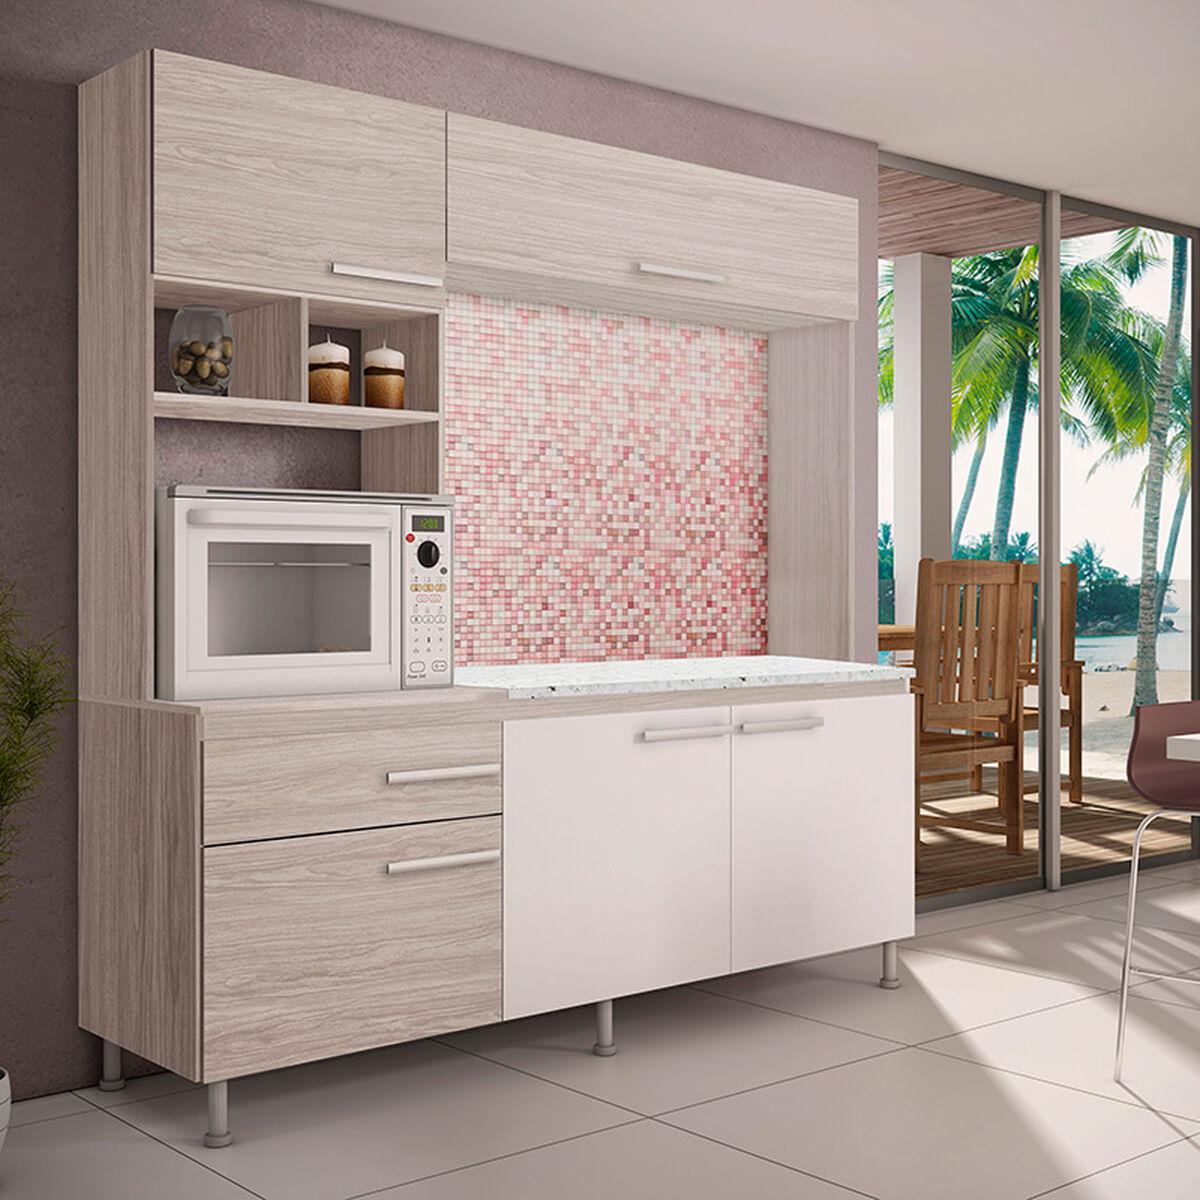 Mueble de Cocina Lais 6 Puertas | laPolar.cl